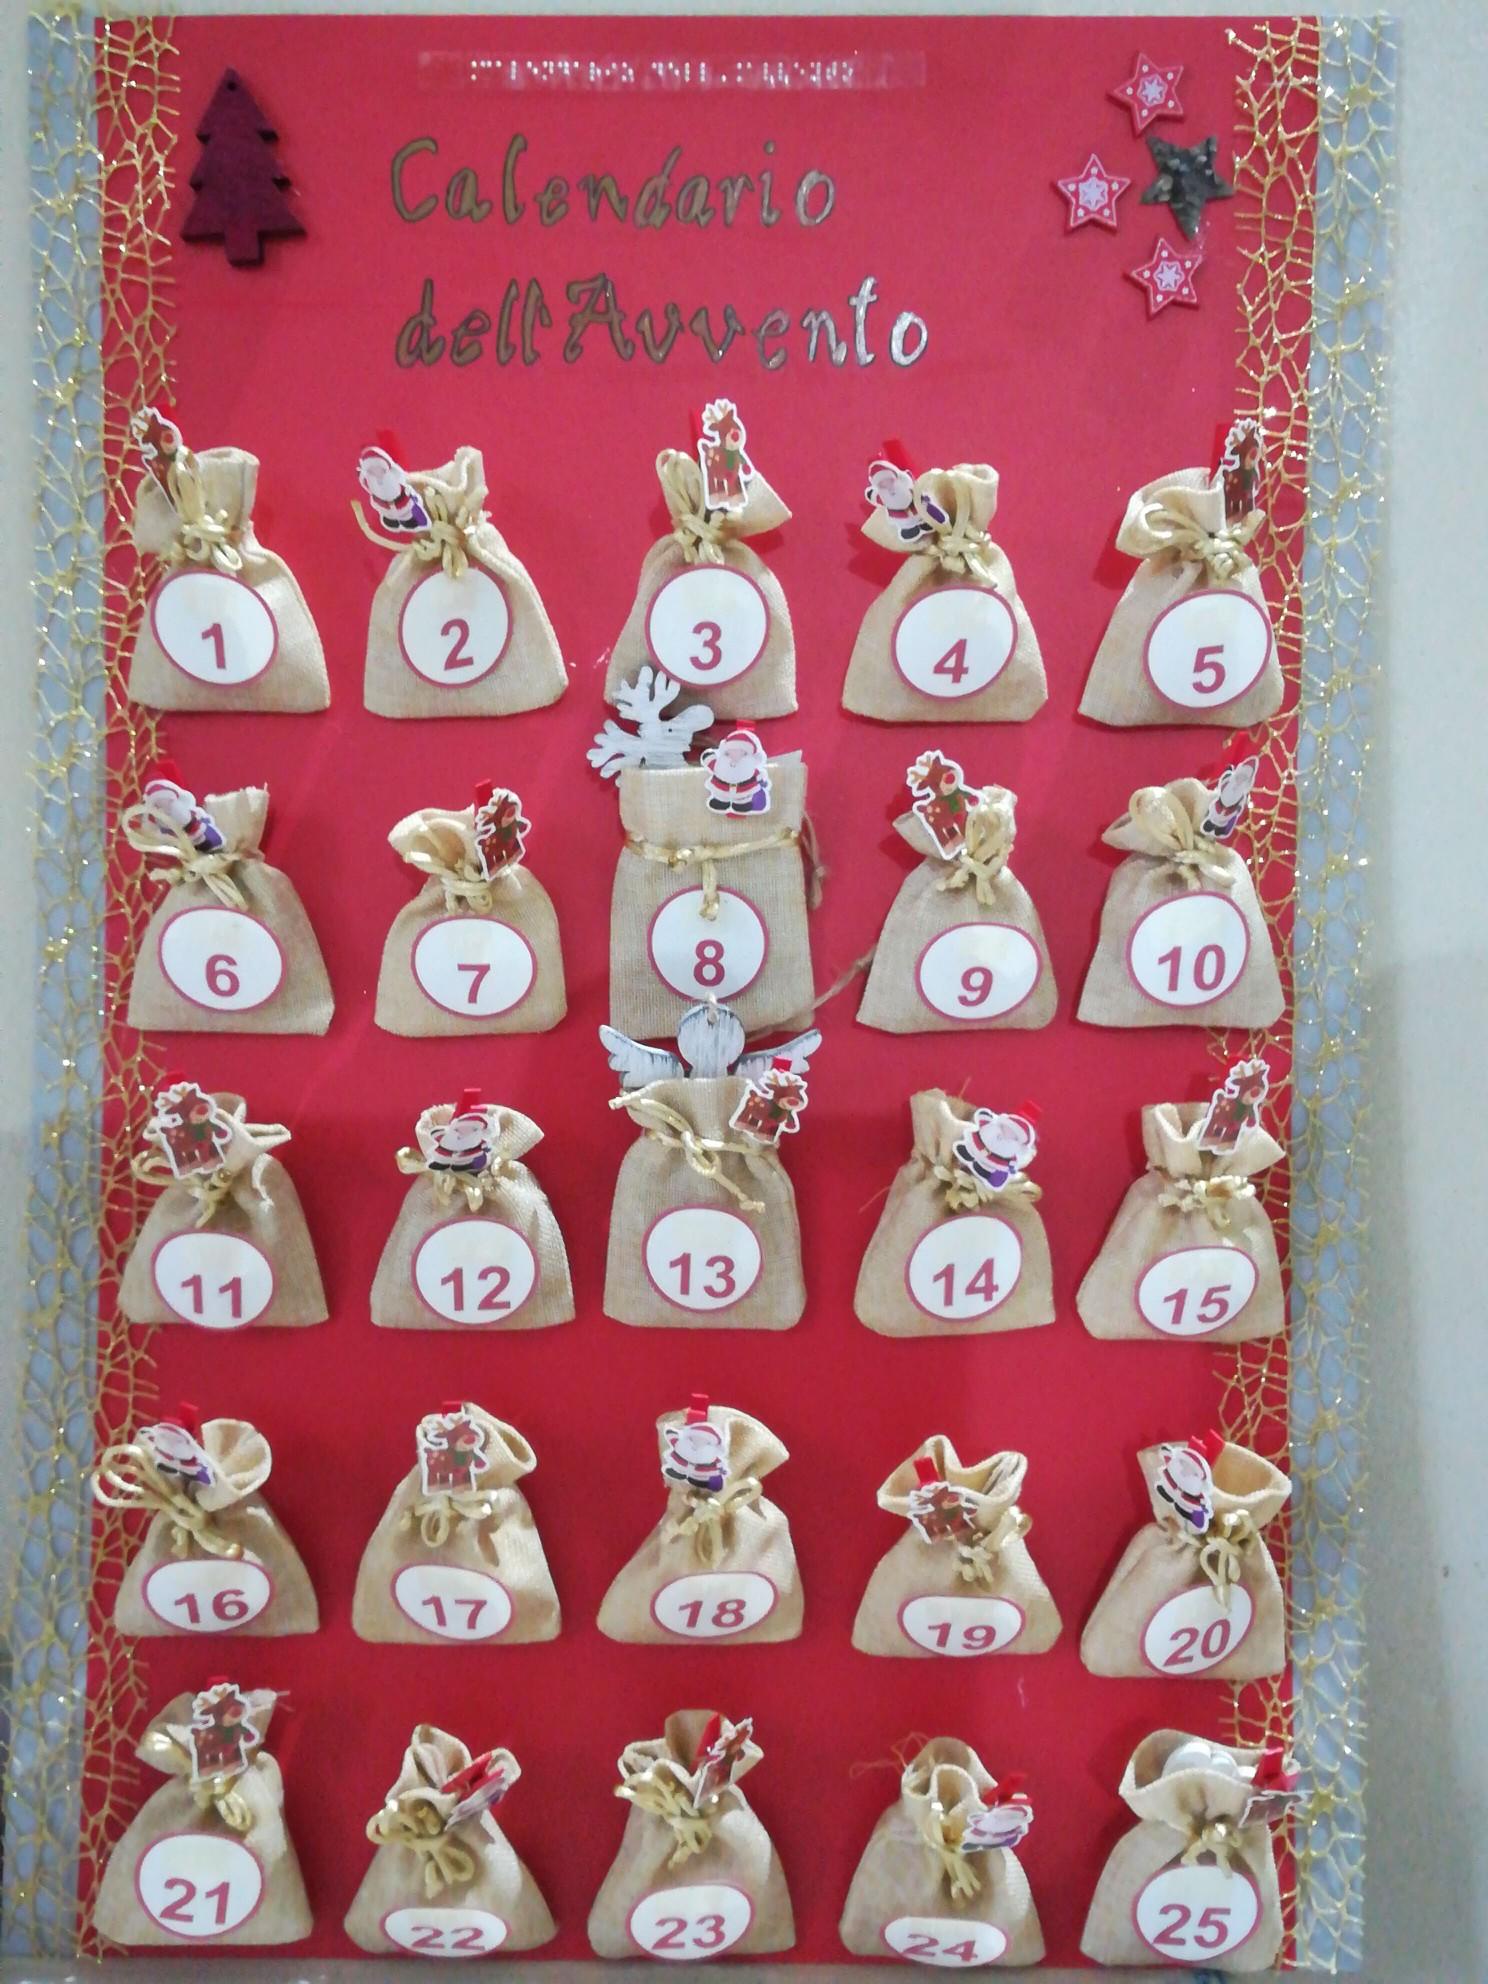 Il Calendario Dellavvento.Calendario Dell Avvento Centro Italiano Tiflotecnico